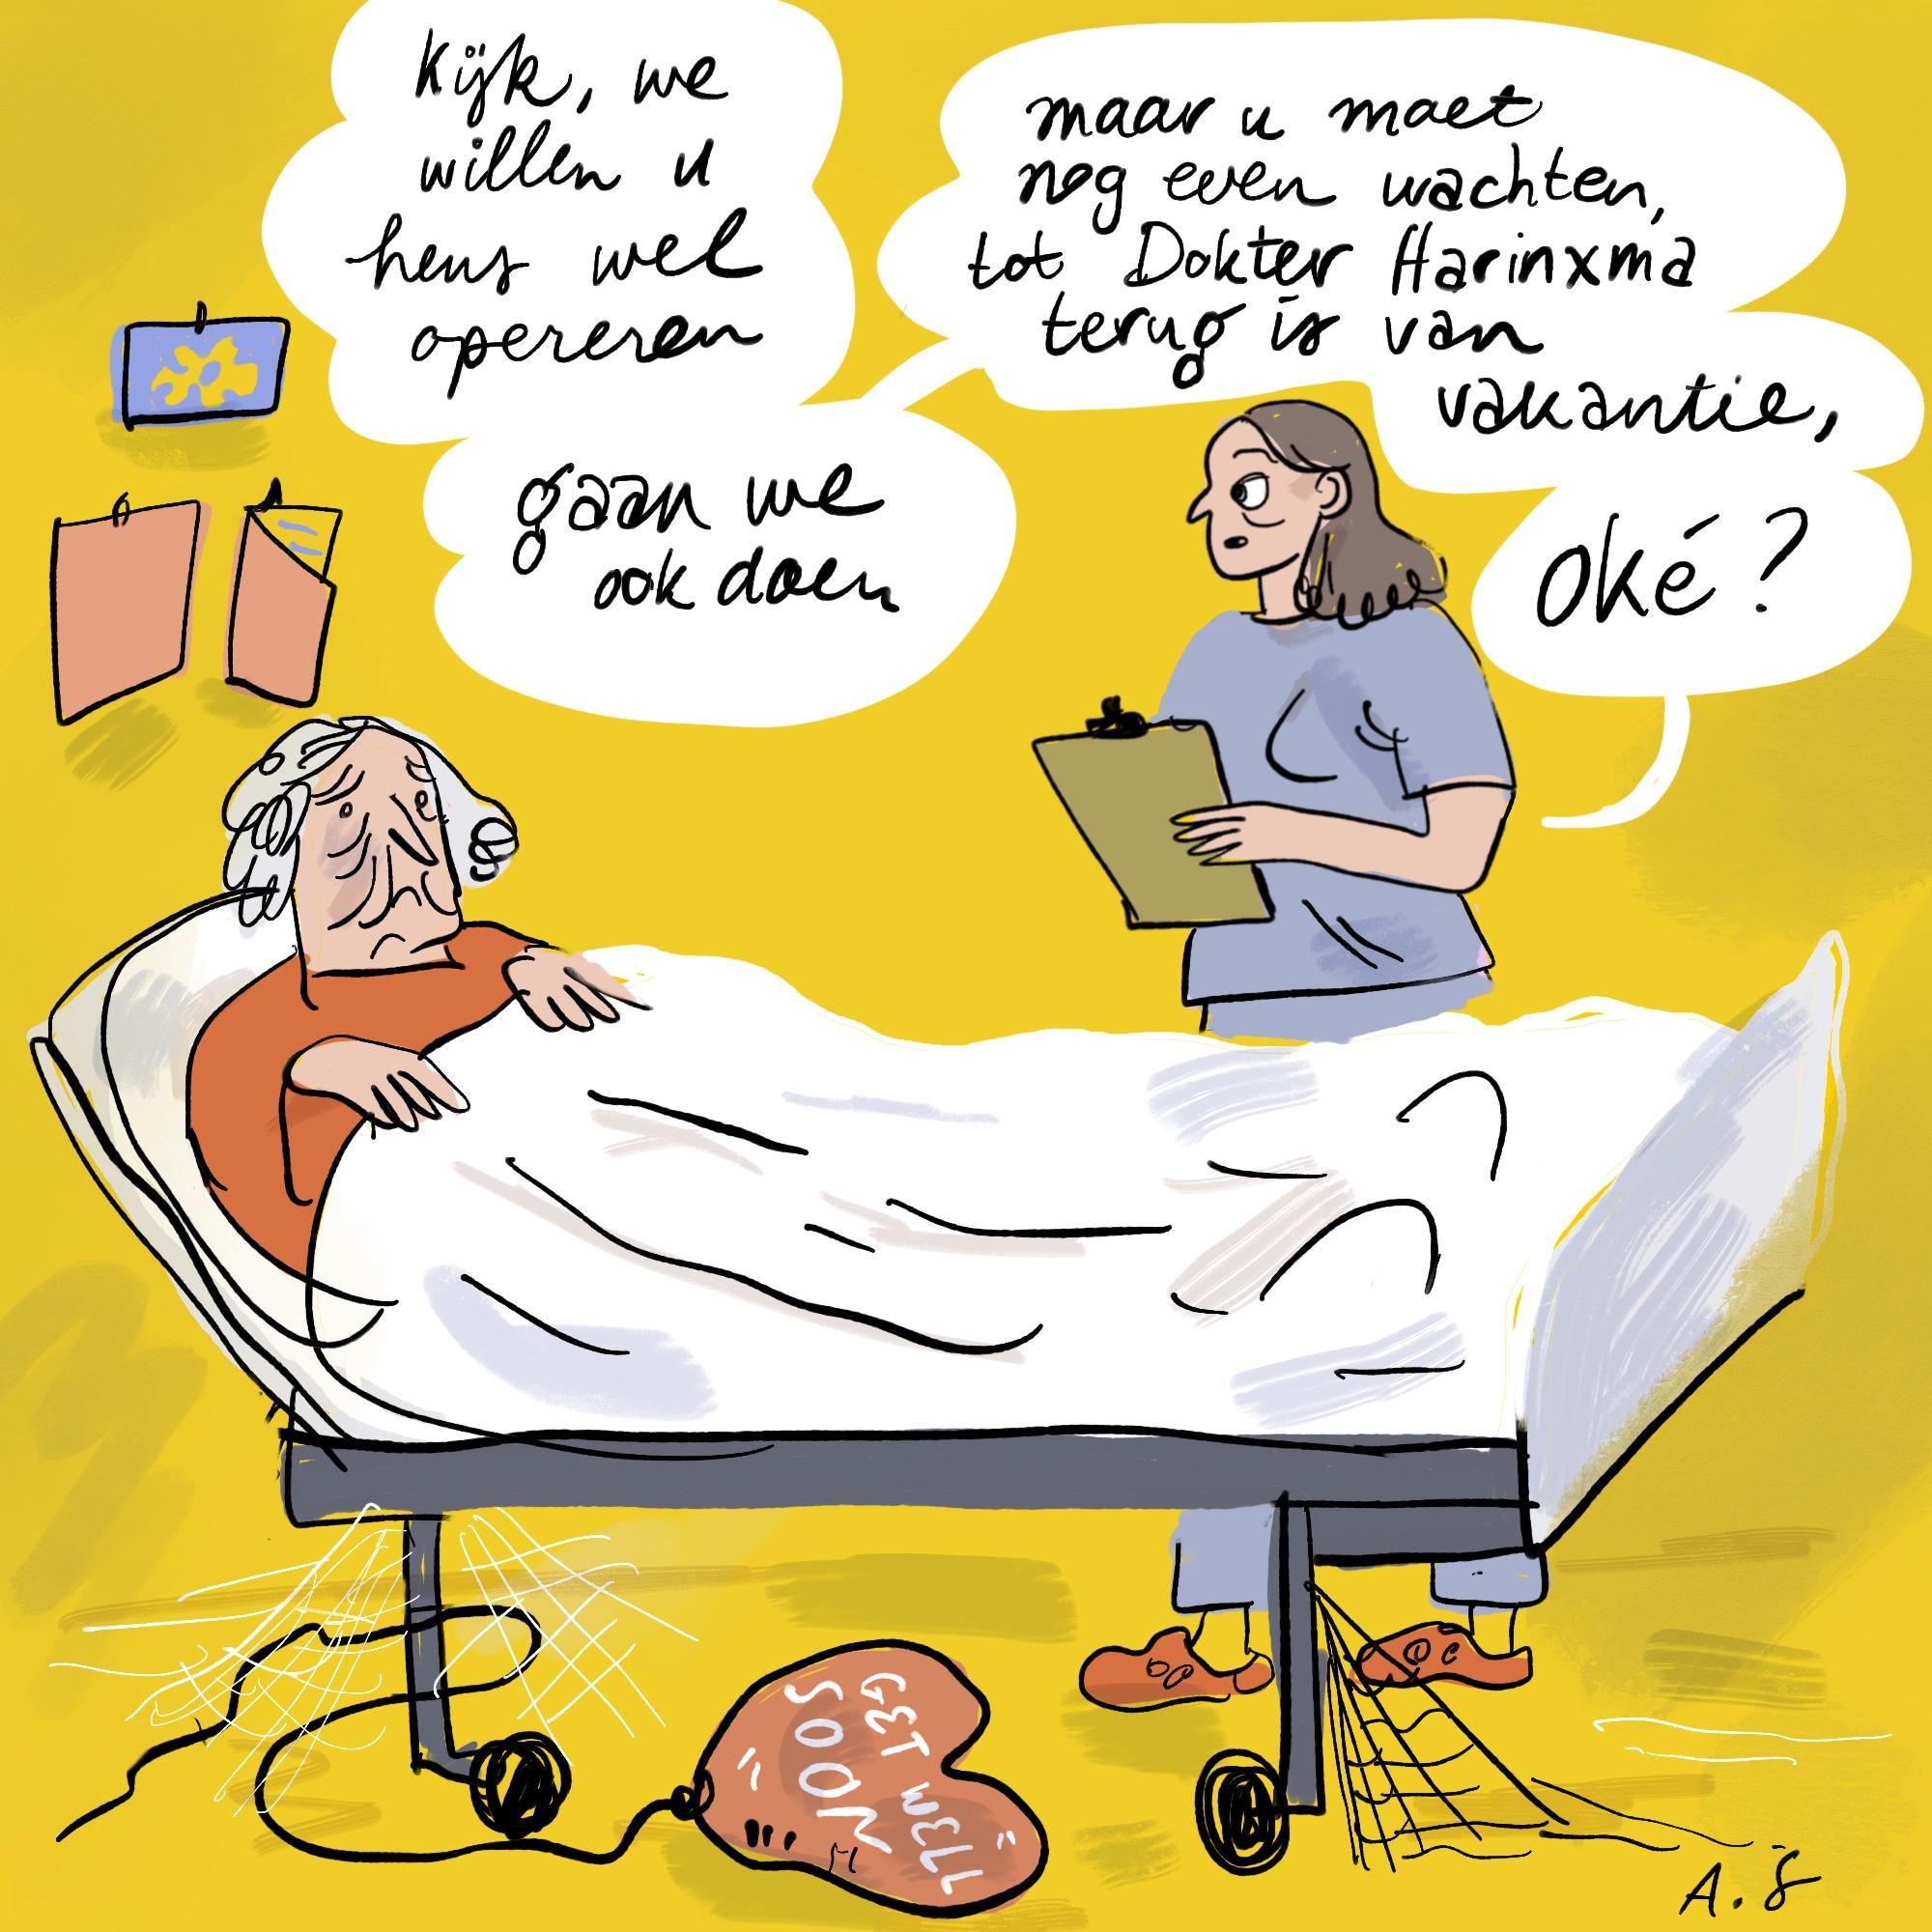 Tekort aan personeel bij ziekenhuizen